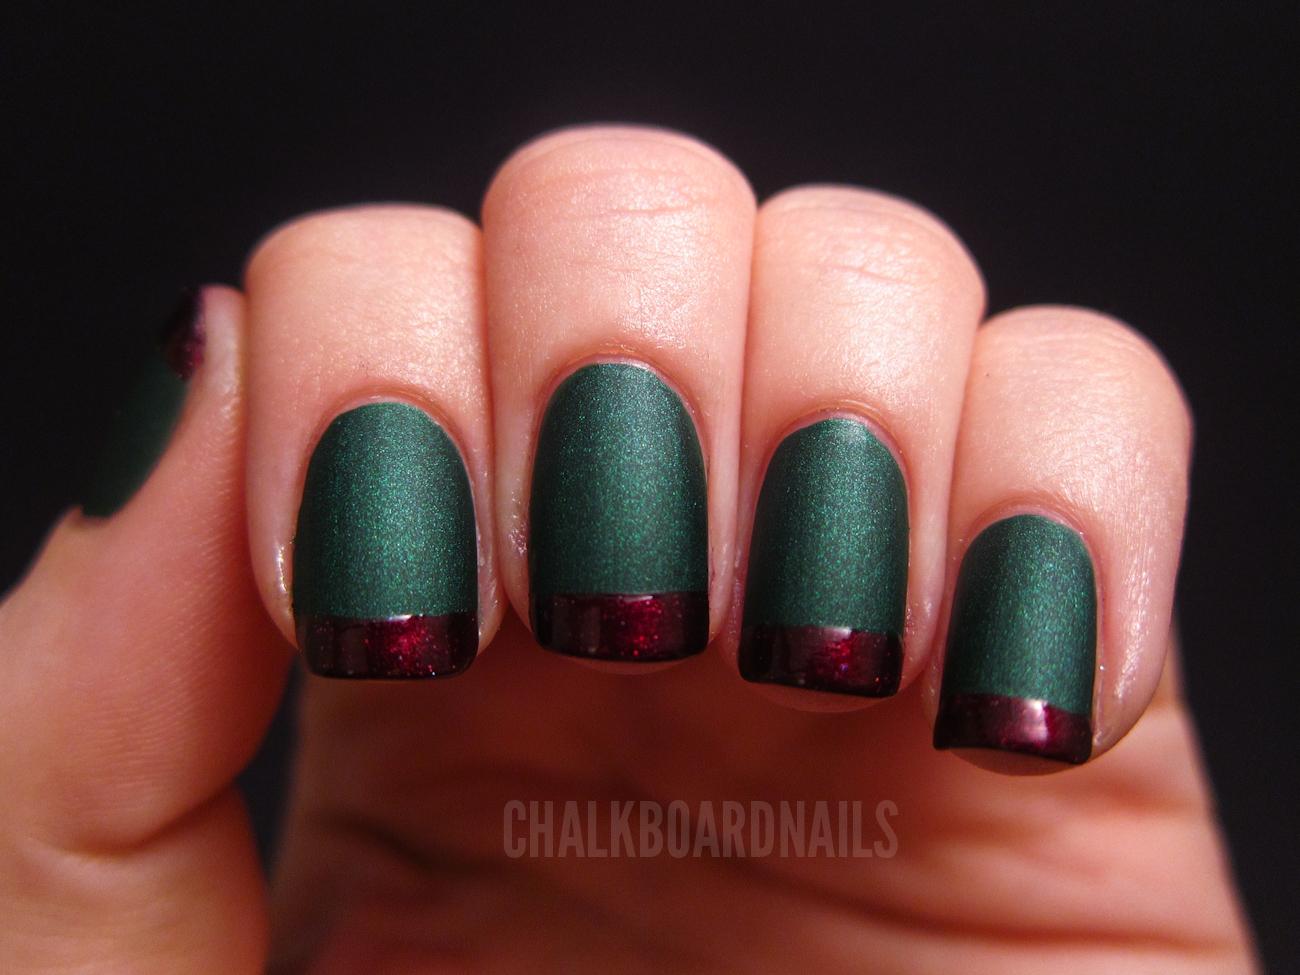 Holiday French Tips! | Chalkboard Nails | Nail Art Blog